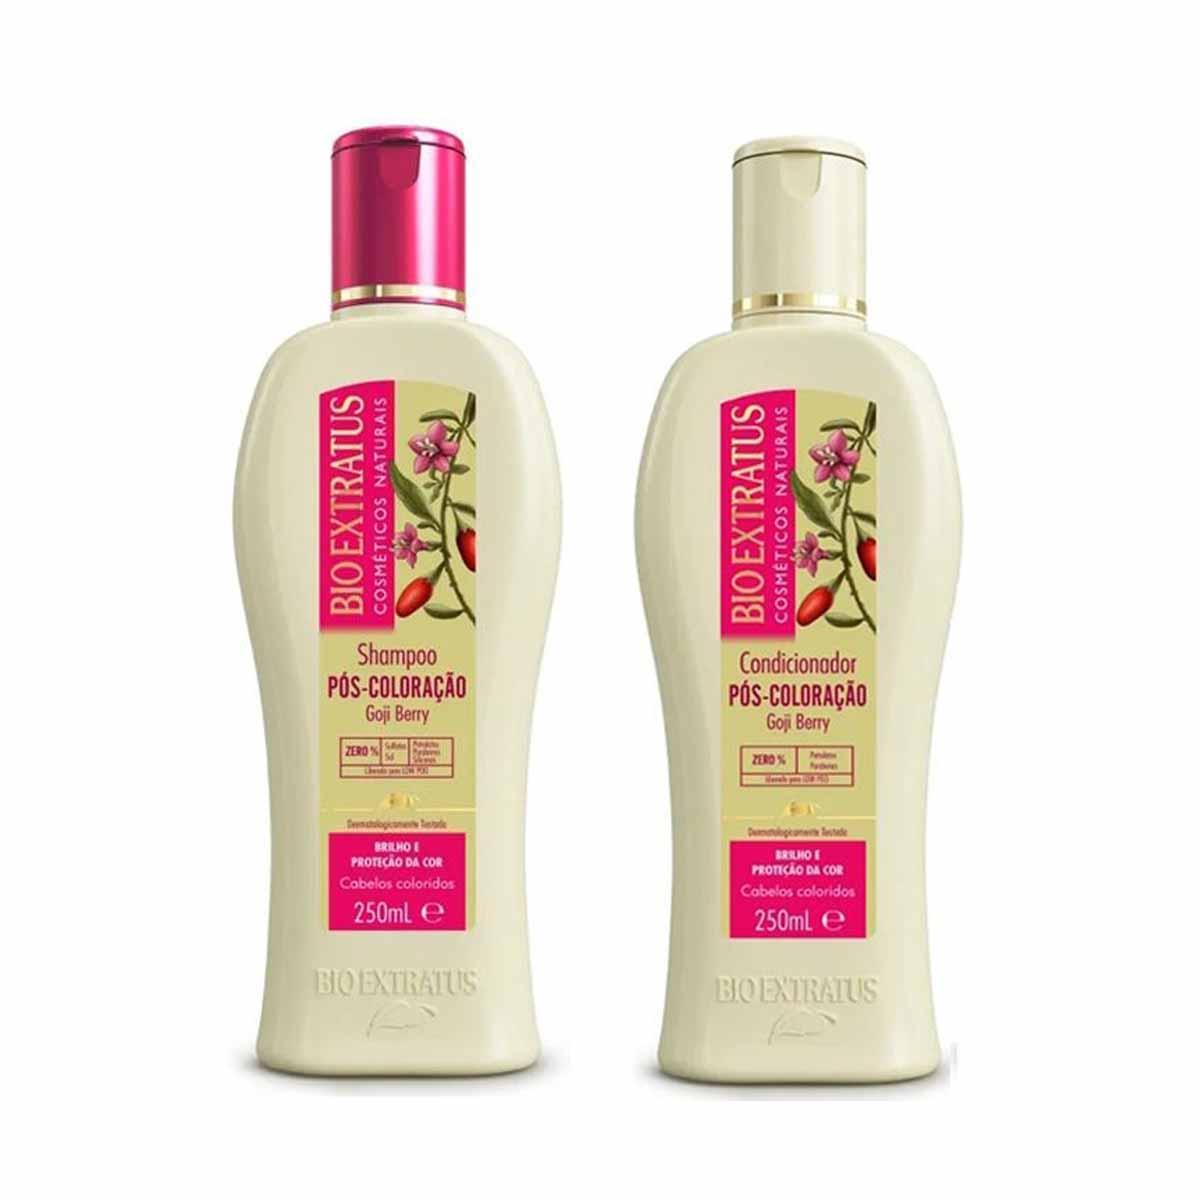 Kit Bio Extratus Pós coloração Shampoo 250ml e Cond. 250ml